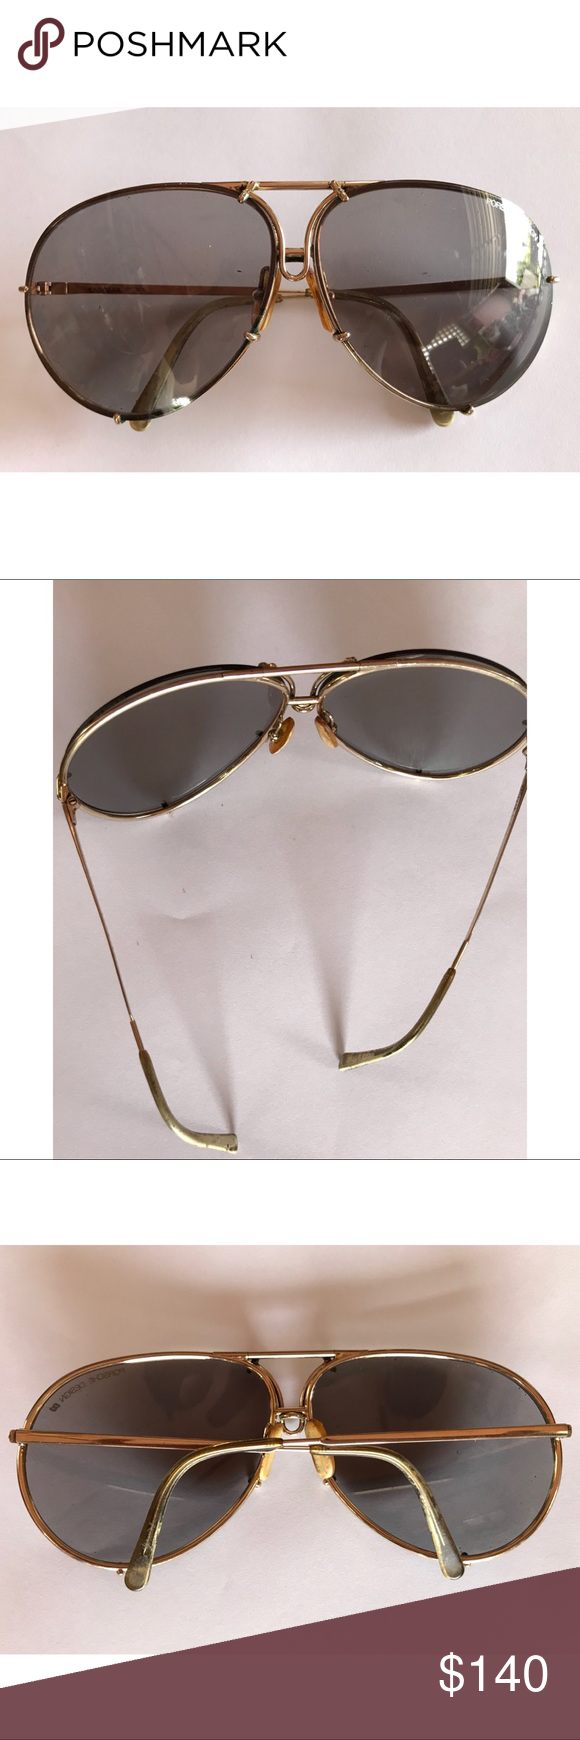 7c830ce52d433 Case not included. Large. Grey lens. Gold frame. Porsche Design Accessories  Sunglasses. Vintage Porsche Carrera Sunglasses 5621 40 ...